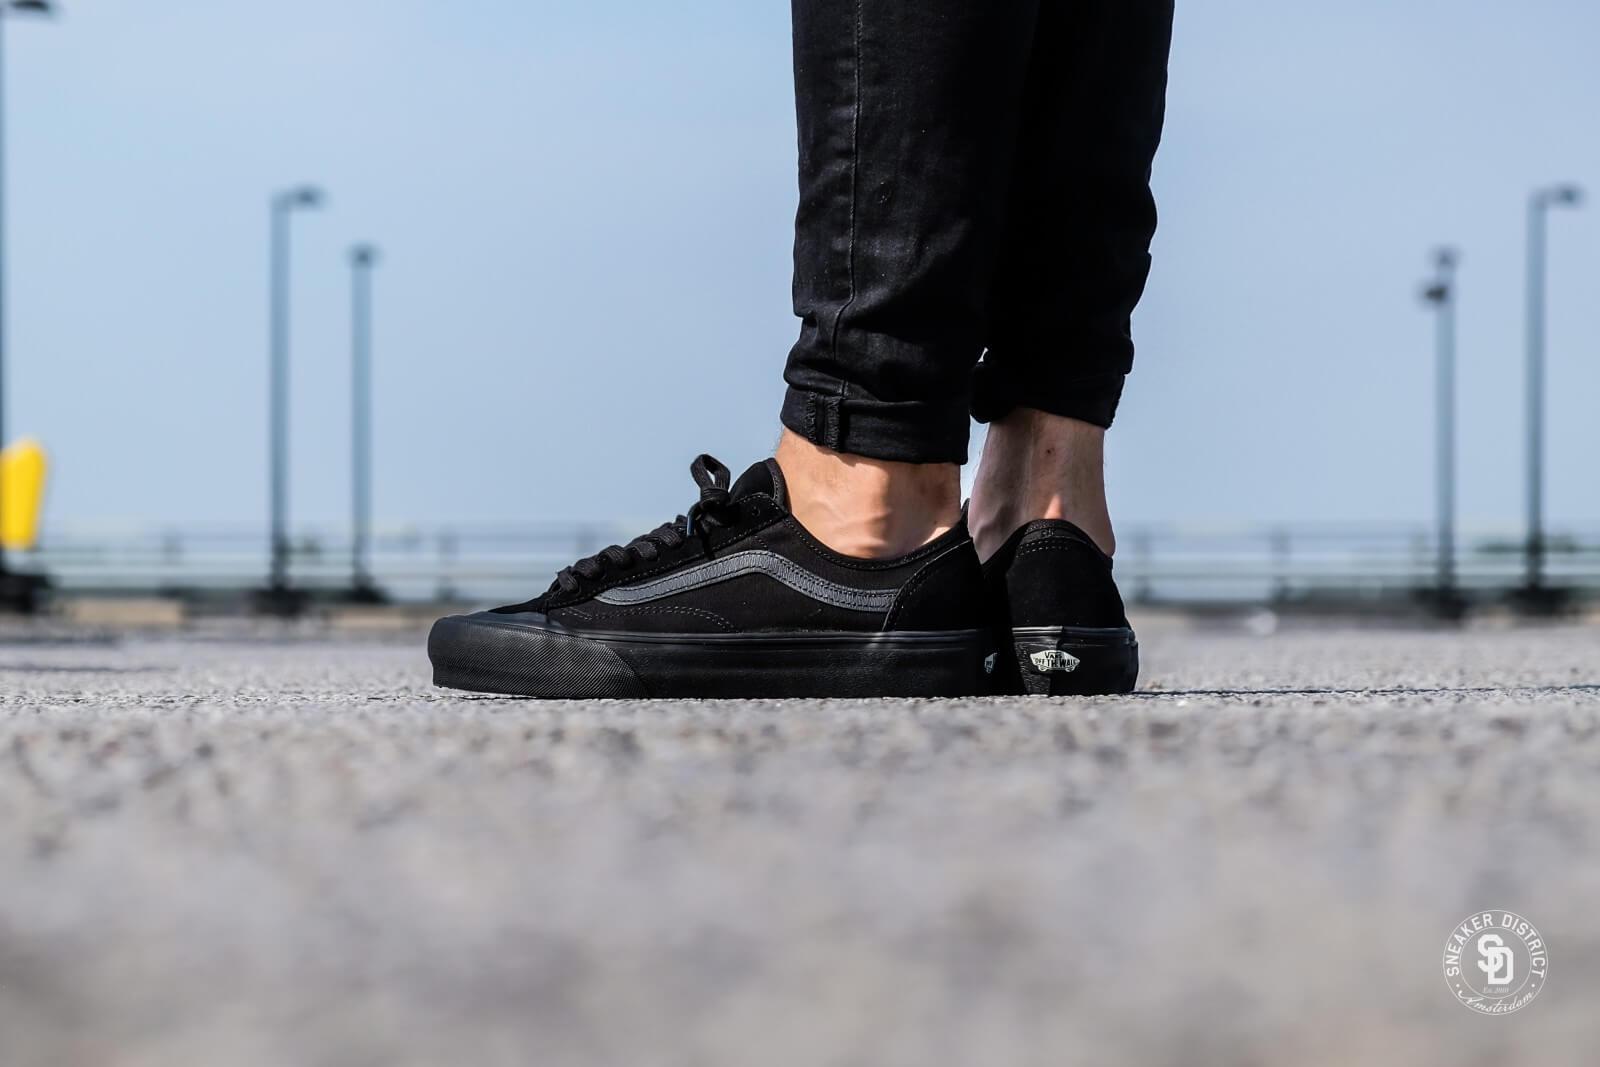 vans style 36 decon sneaker